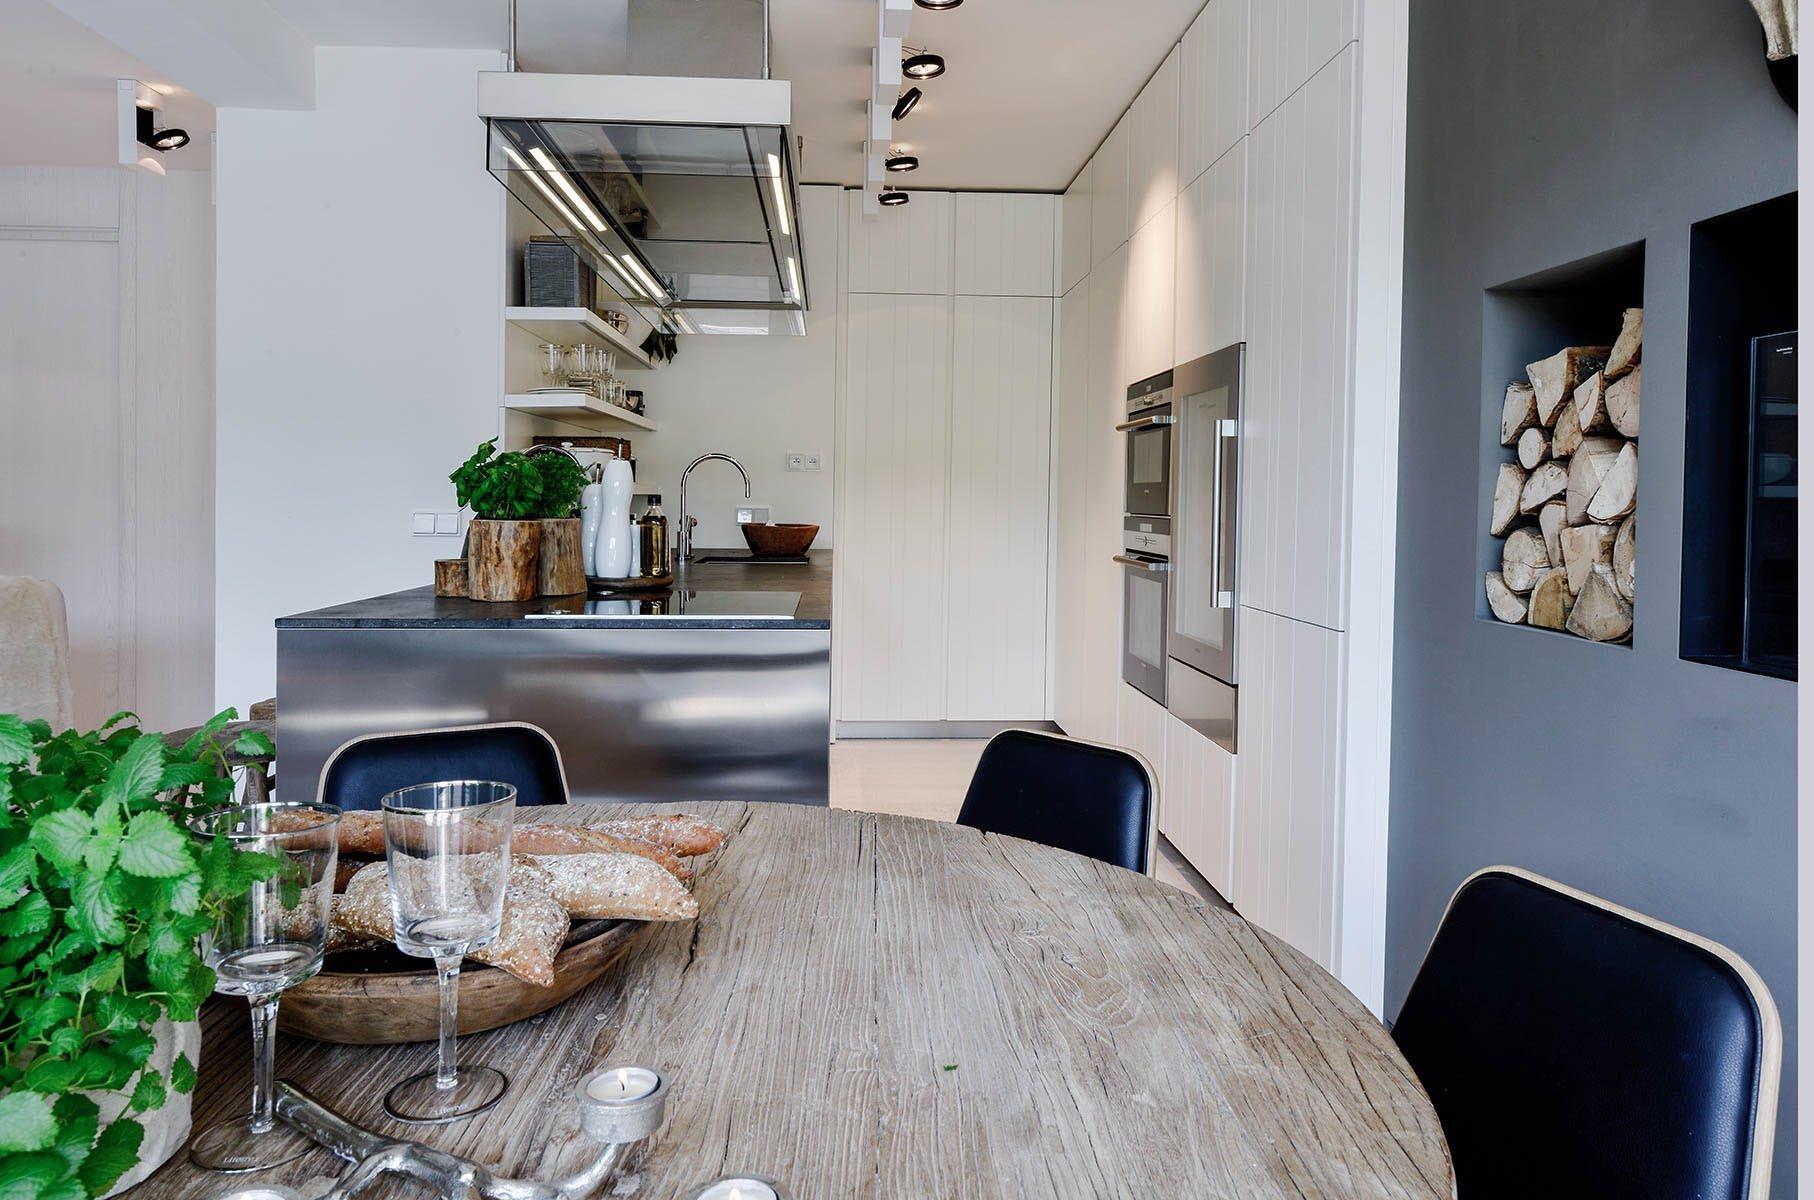 Vyvážený mix rustikálního a moderního stylu. Jednoduchábarevnost interiéru vbílošedých tónech spoužitím surového, přírodního dřeva v&nbsp…